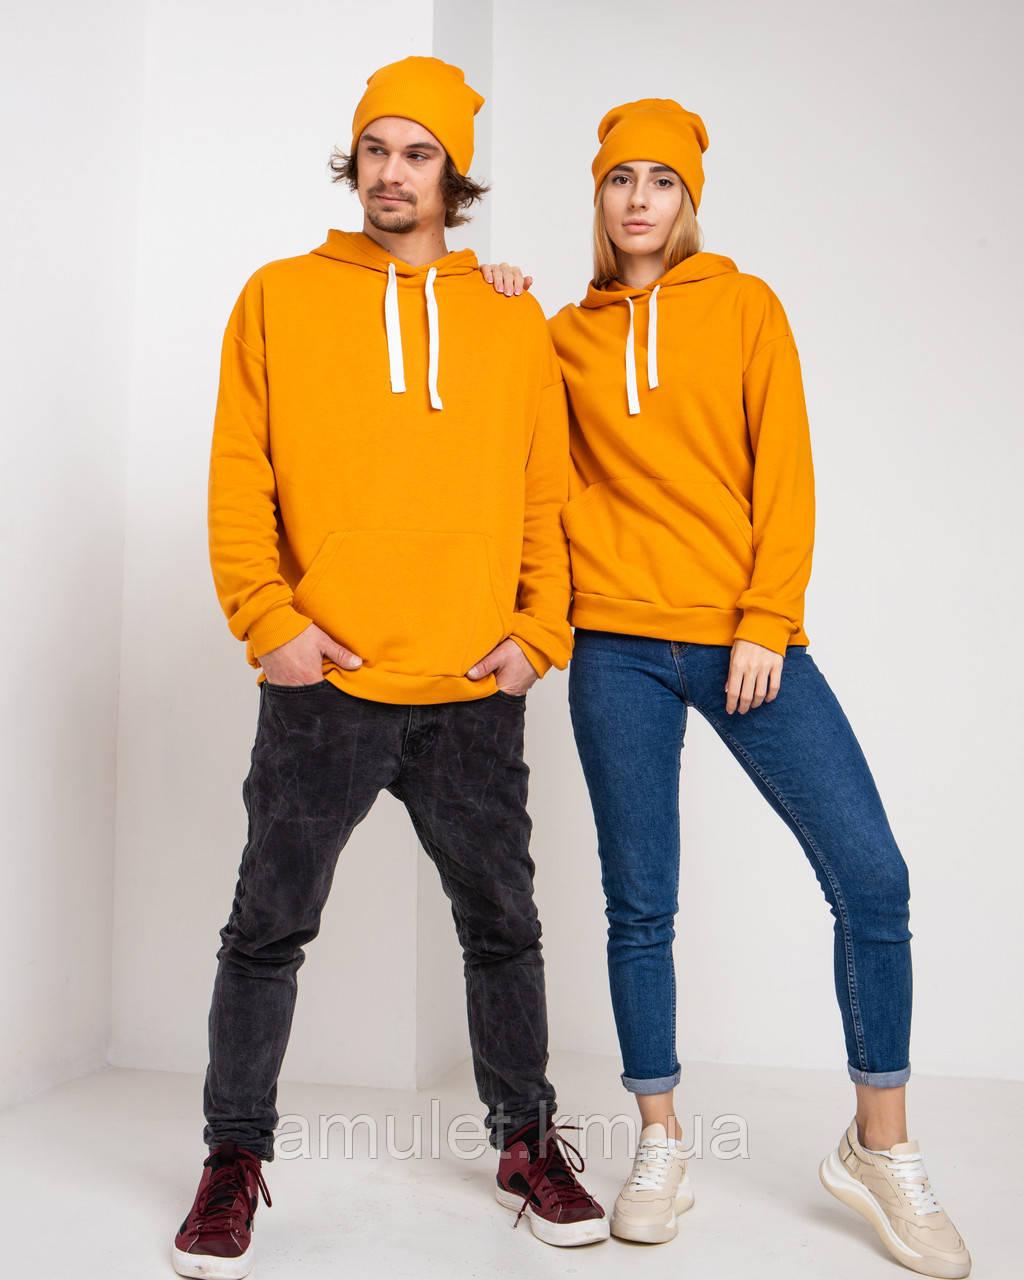 Парні ХУДІ UNISEX помаранчевий колір